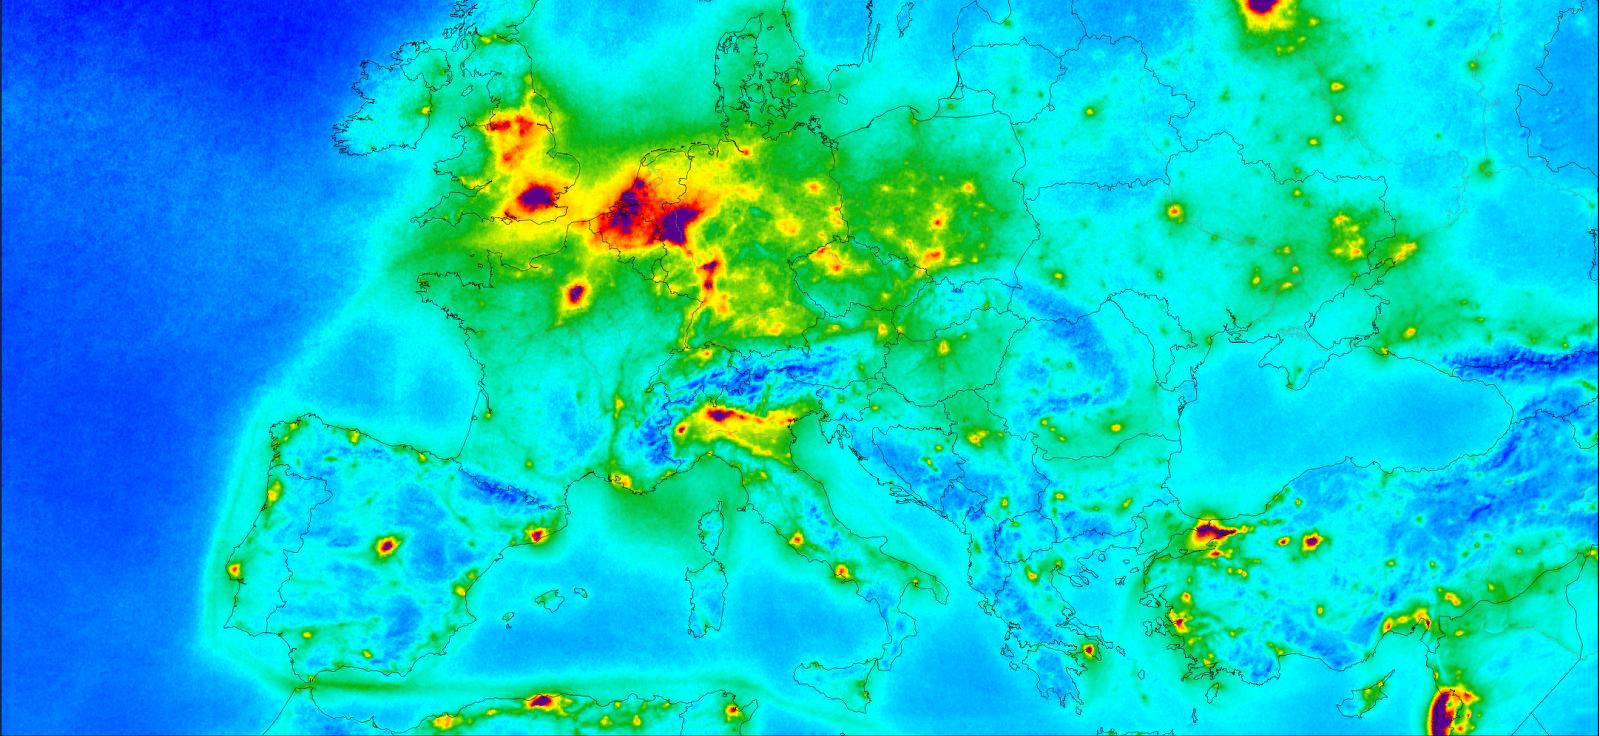 Distribució de les emissions de diòxid de nitrogen pel continent europeu